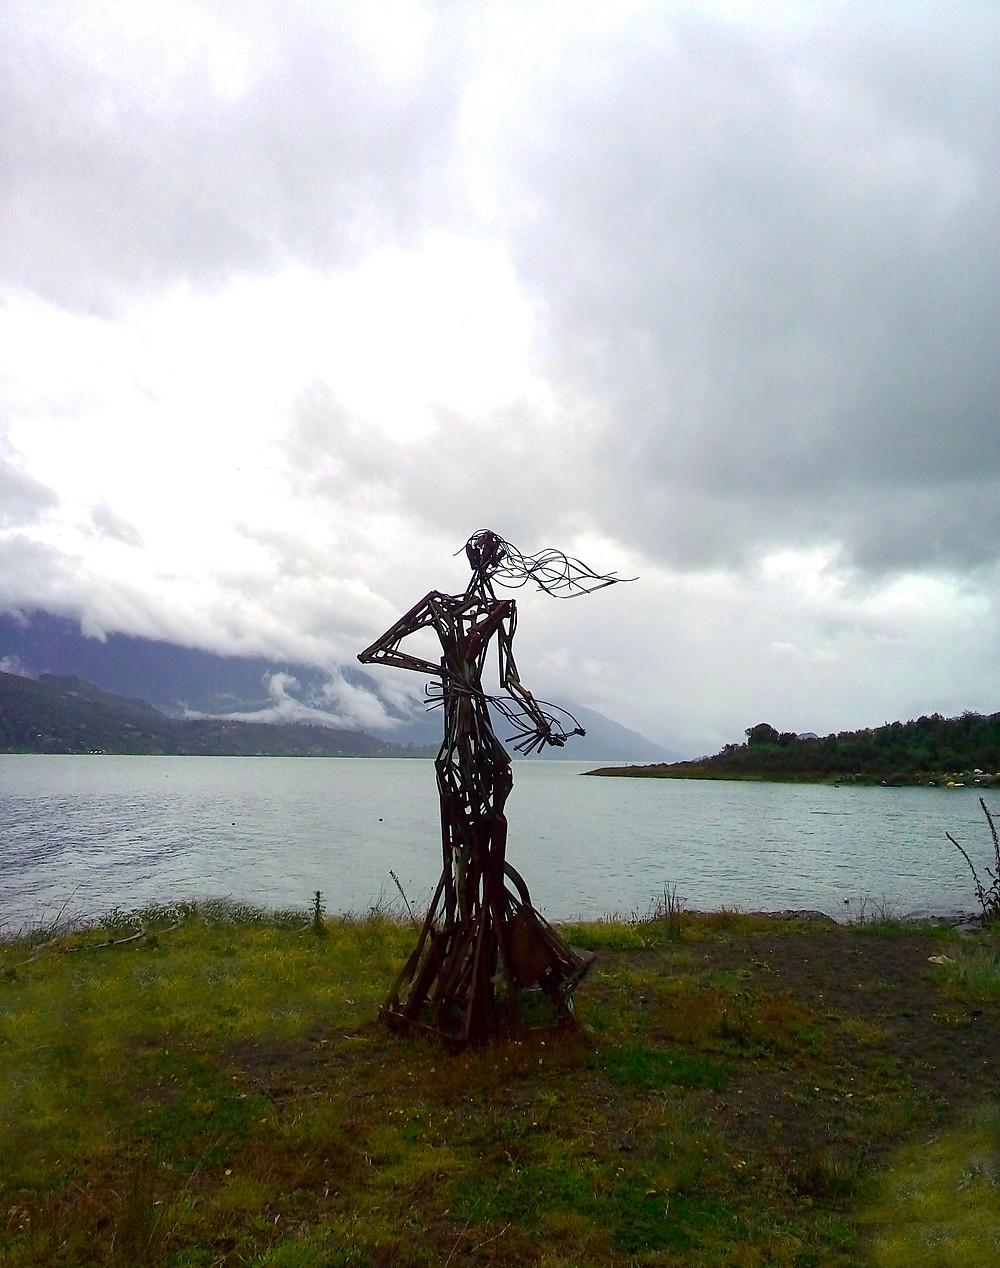 Con Vientos y Marea Comenzó nuestra semana de Kayak!! LLegamos a Rollizo - Estatua Mujer del mar , la que provee de grandes peces y deliciosos mariscos a los pescadores y buzos locales!!!